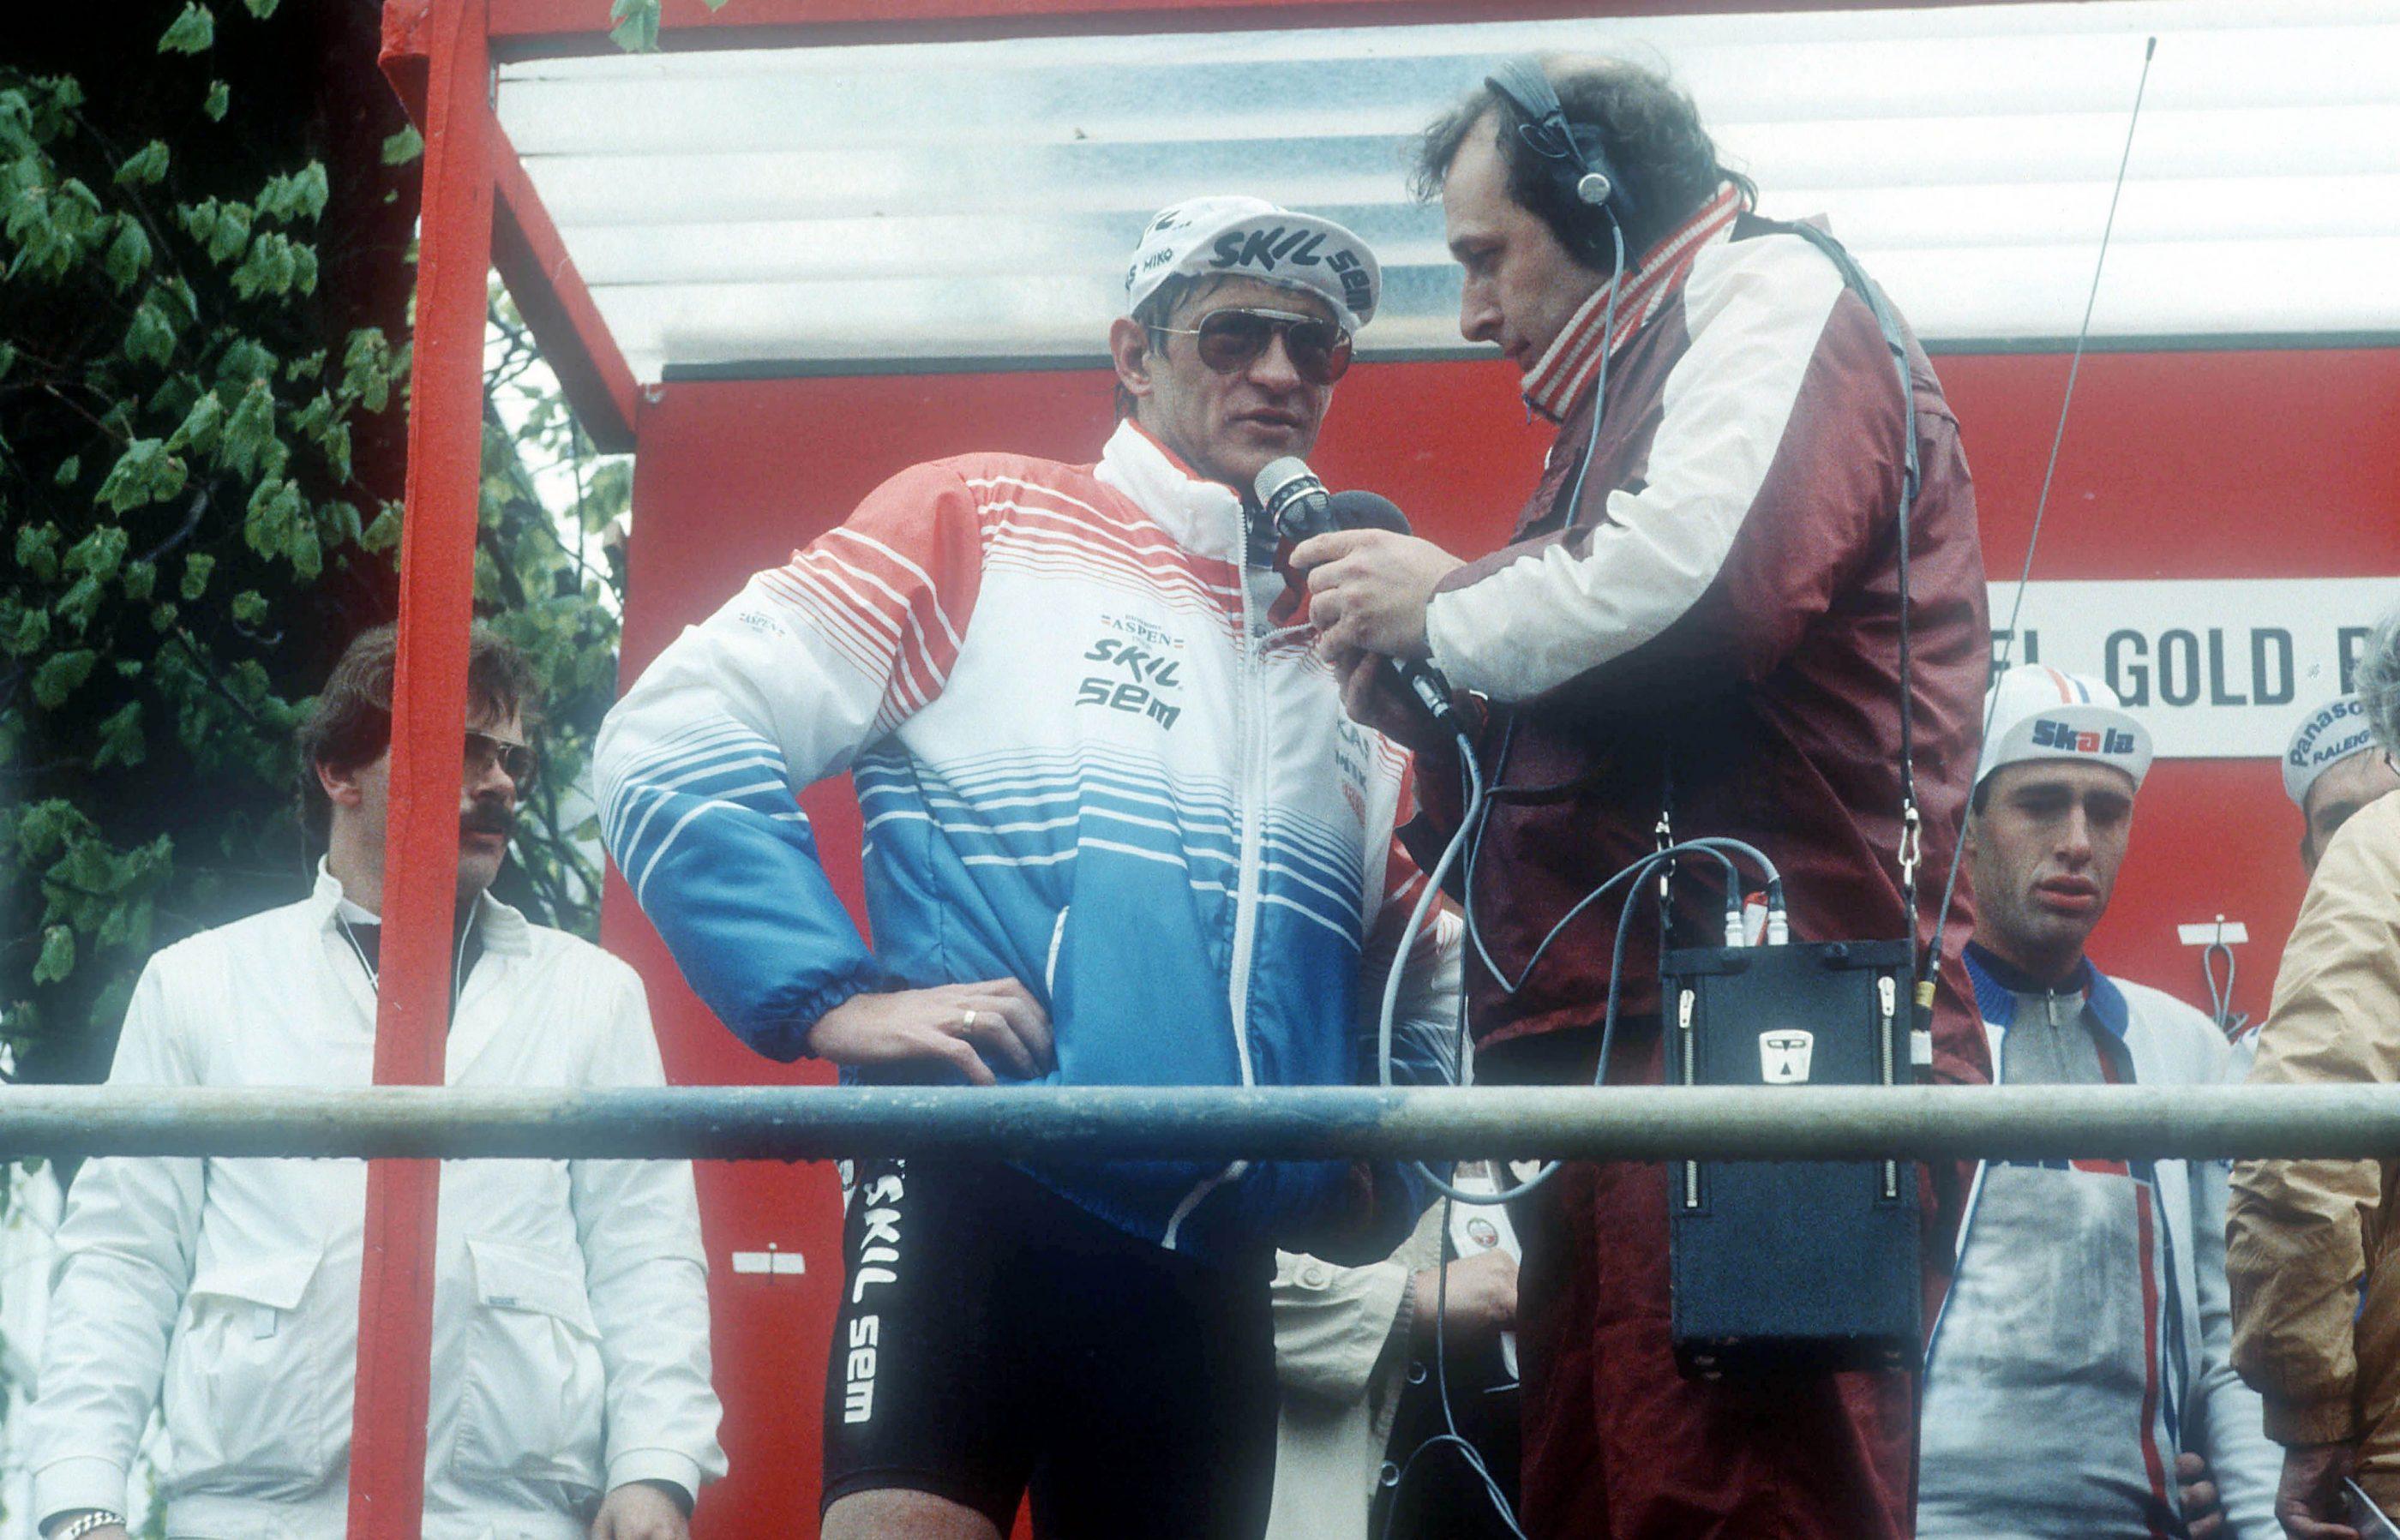 Gerrie Knetemann (Skil) - Amstel Gold Race - Amstel Gold Race 1985 - TV commentator Mart Smeets - foto Cor Vos ©2008